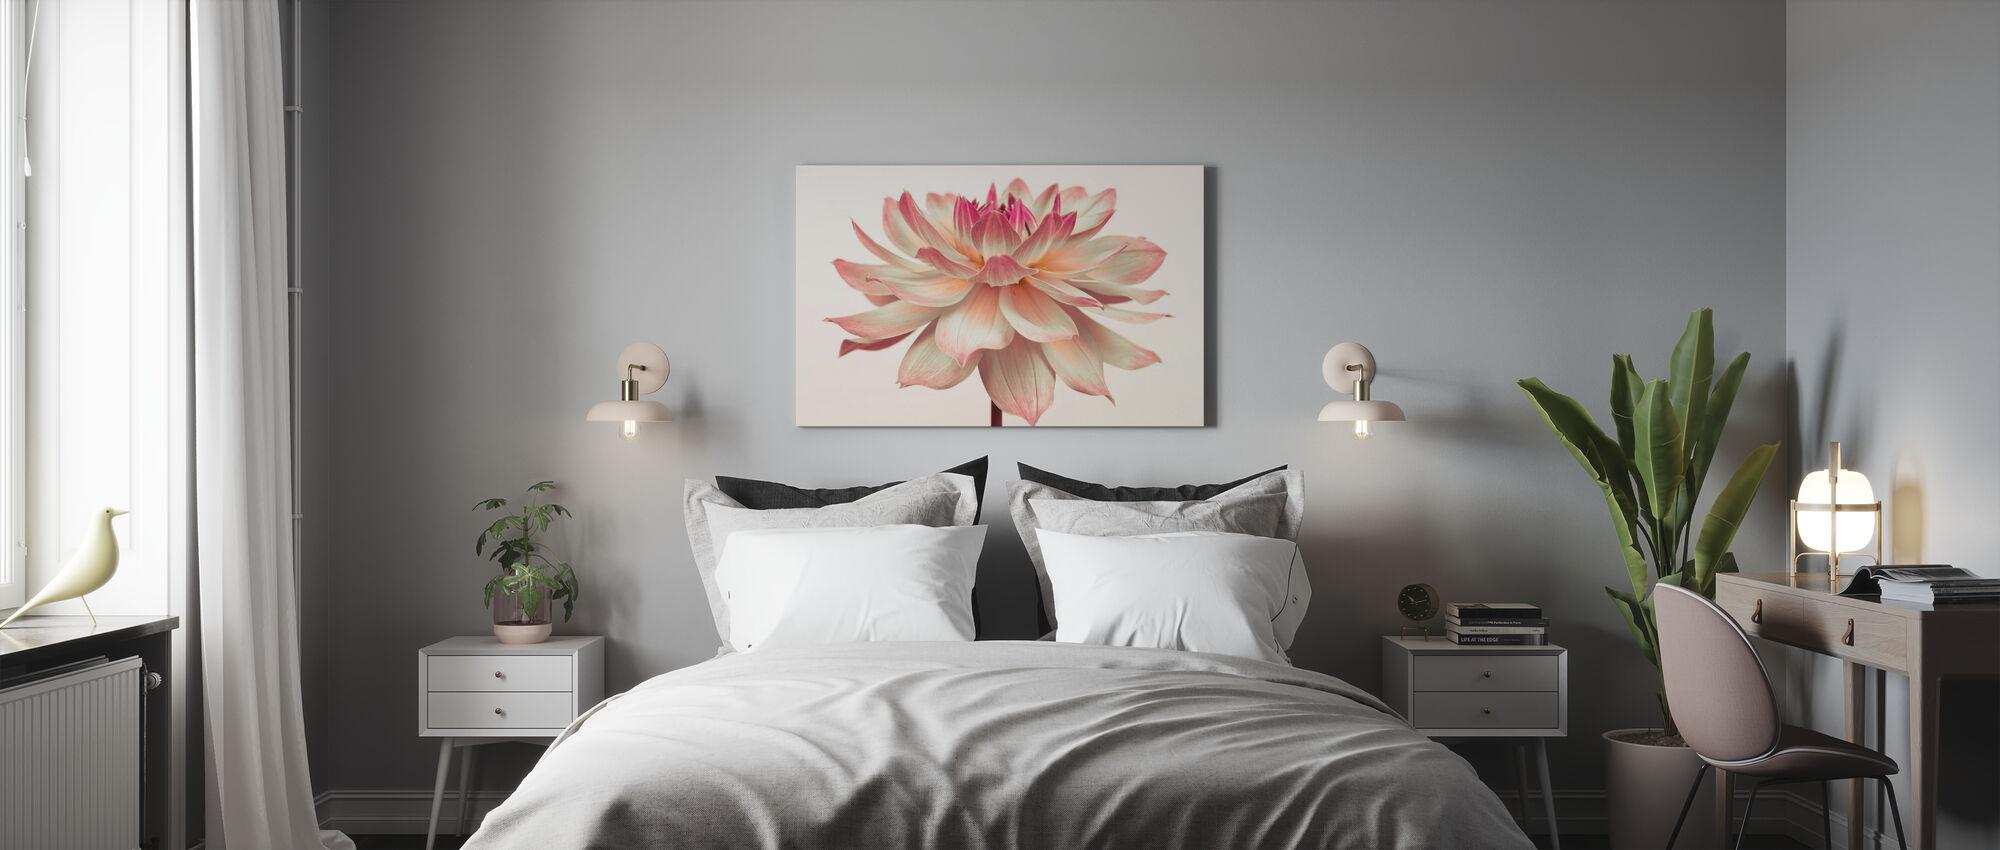 Dahlia Kukka - Canvastaulu - Makuuhuone